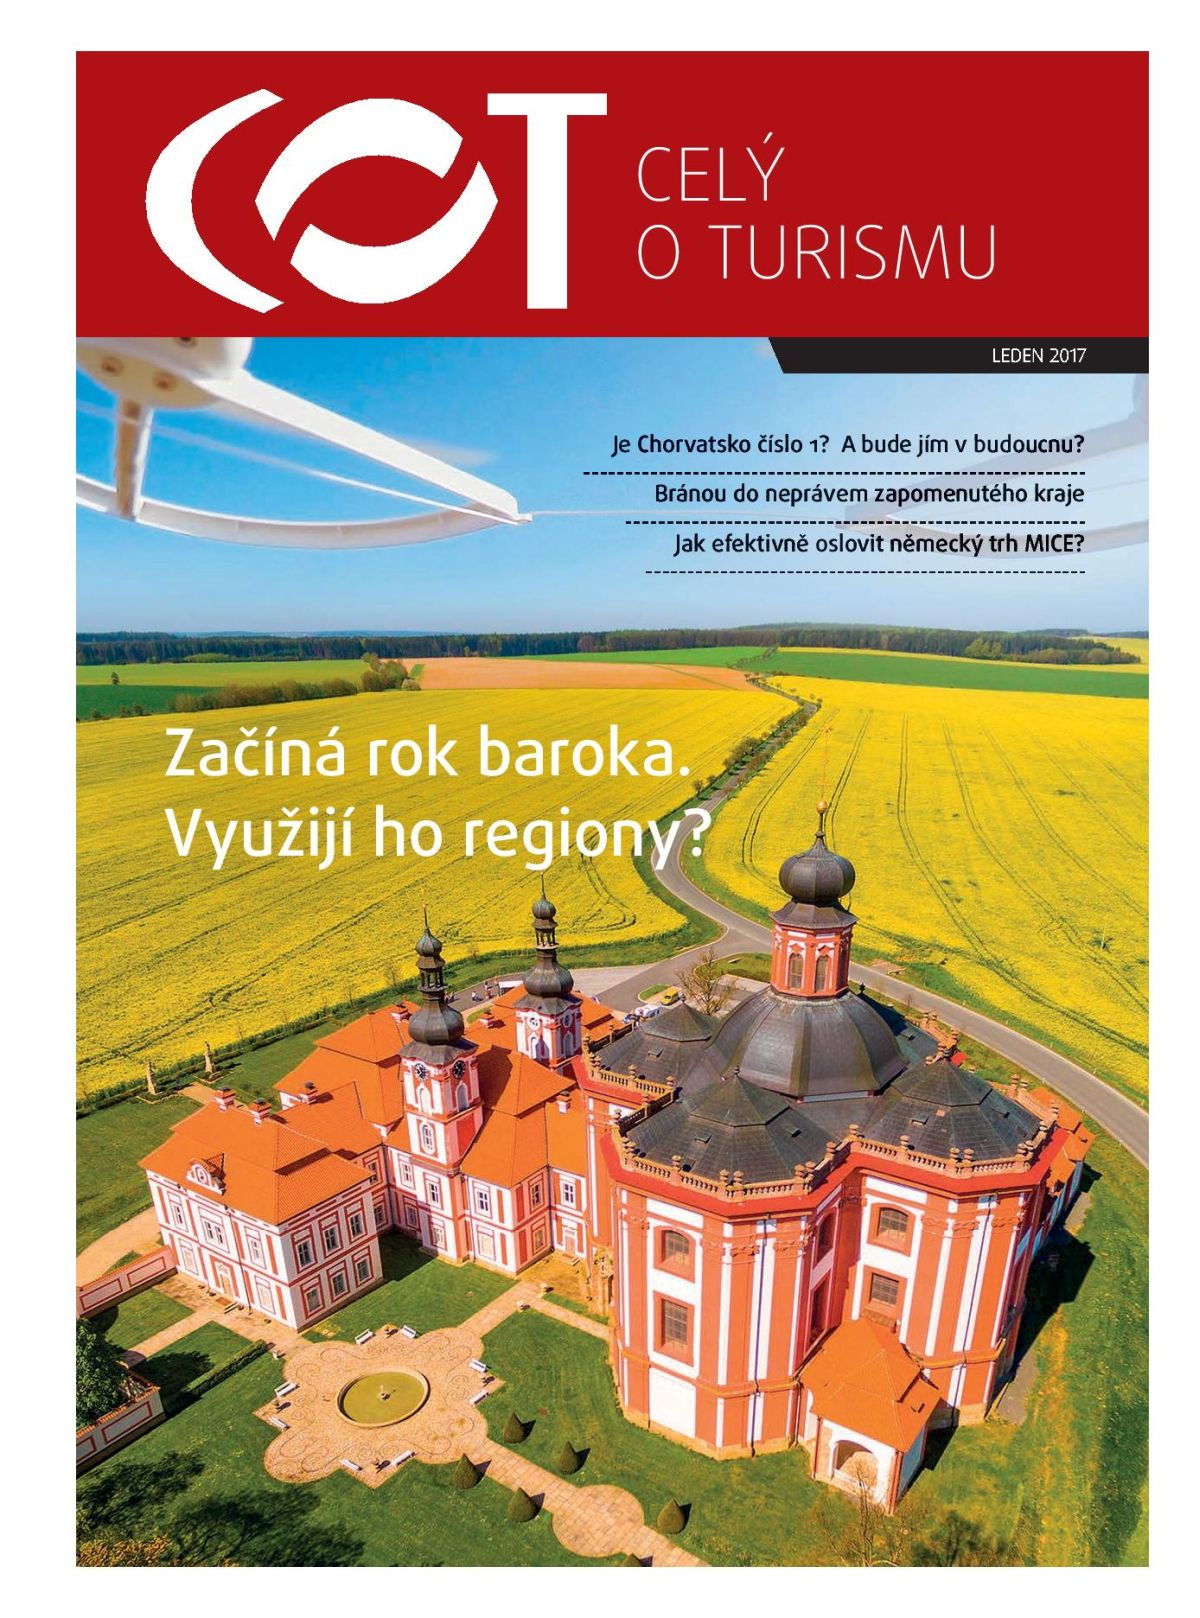 Nová podoba časopisu COT